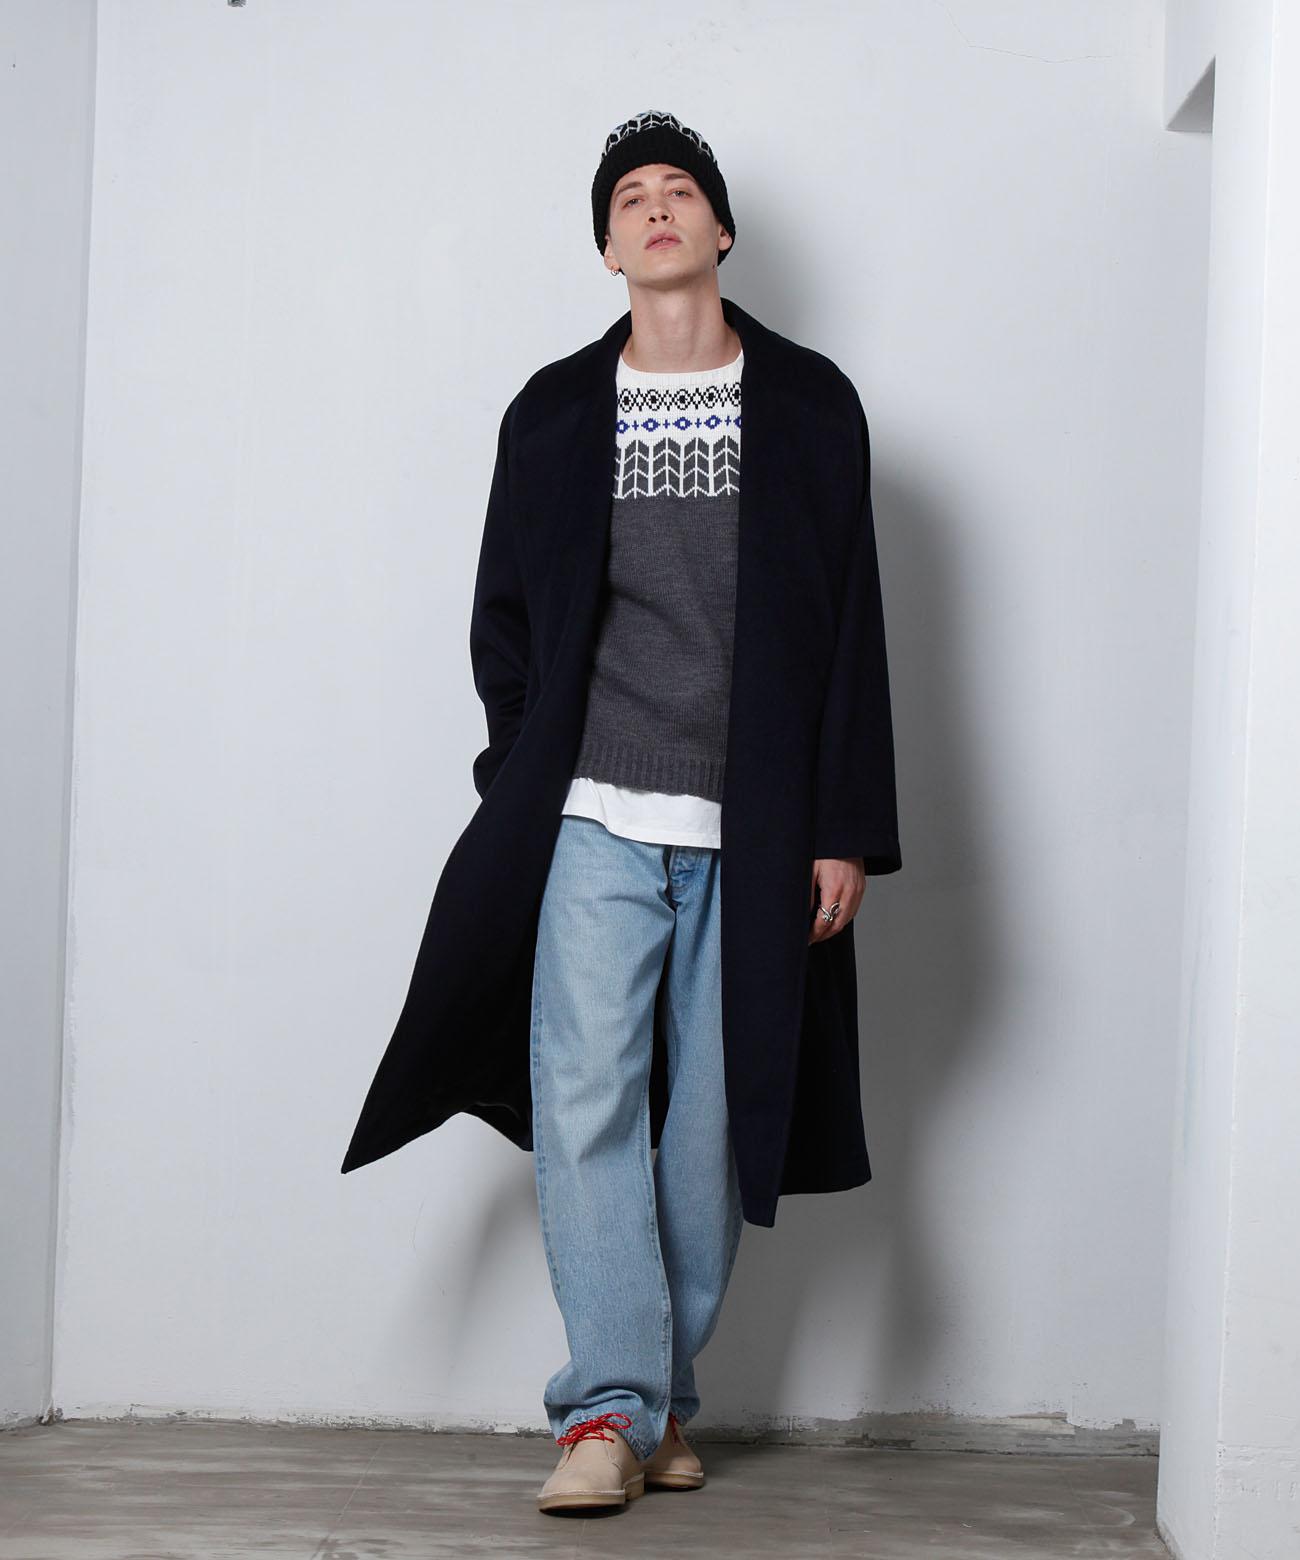 bedwin(ベドウィン)2017年秋冬 コレクション カタログ